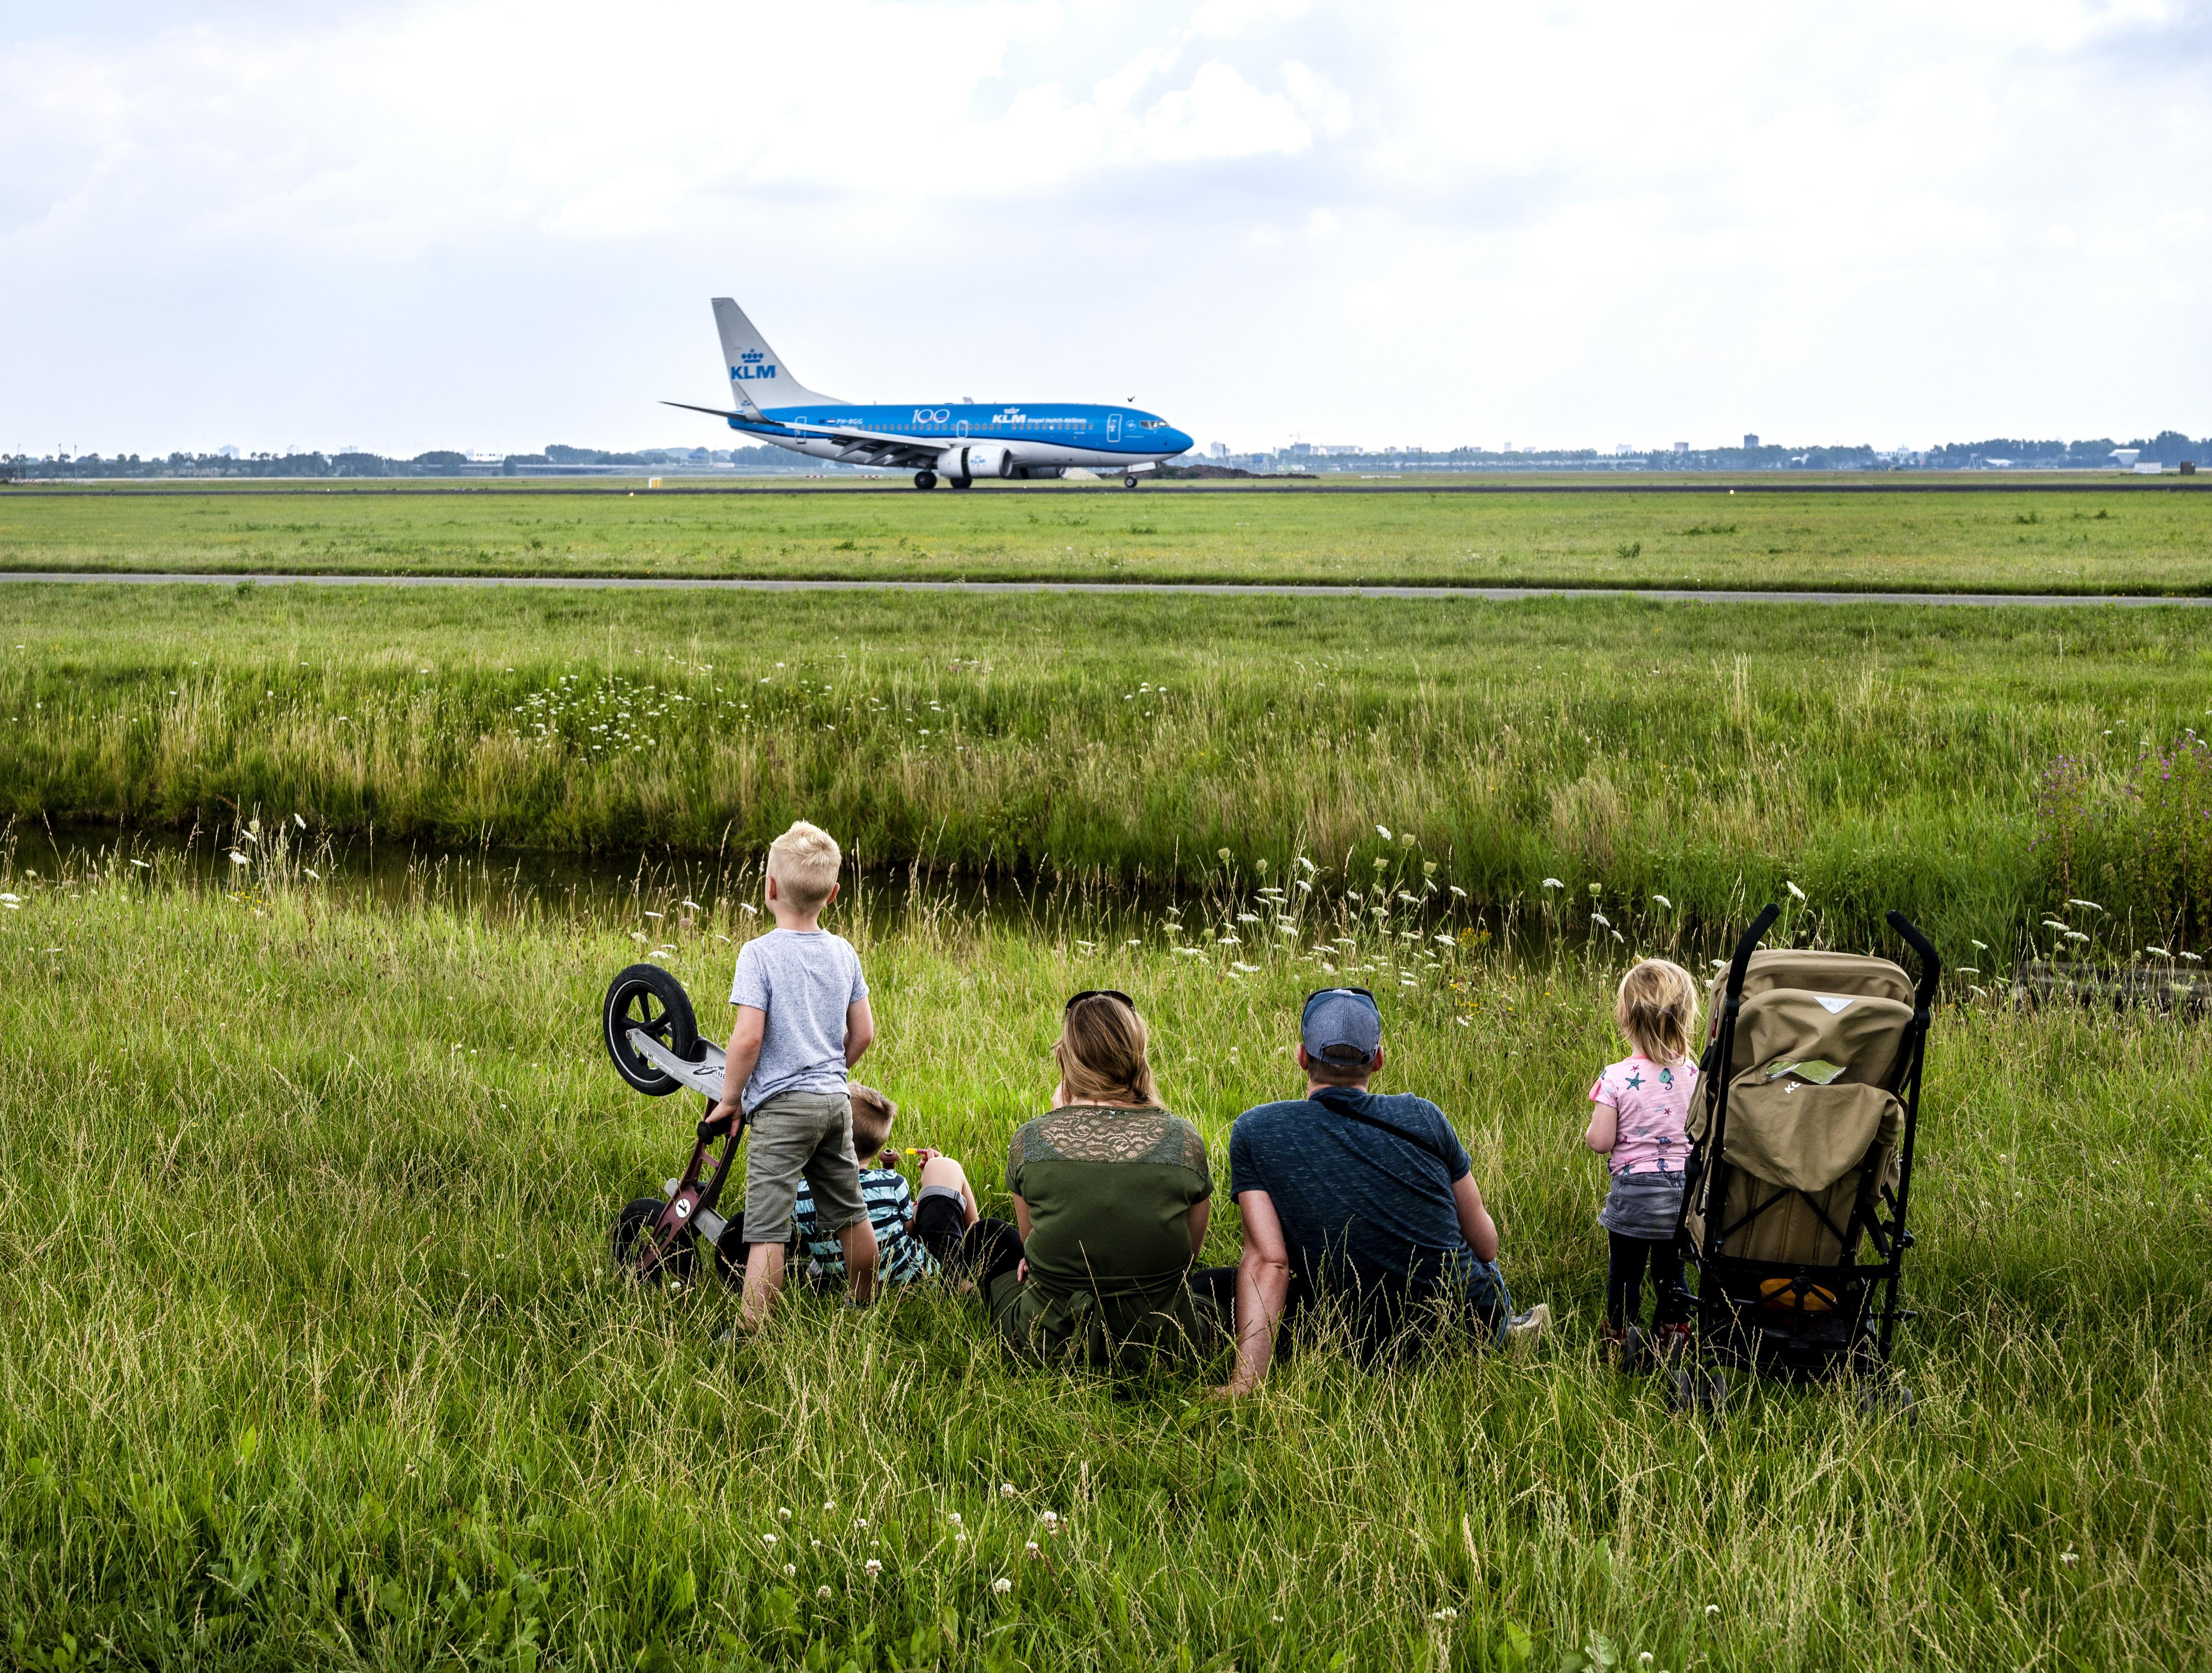 Spottersplek Polderbaan: vliegtuigen fotograferen, lekker lummelen in het gras en de frieten van Boot